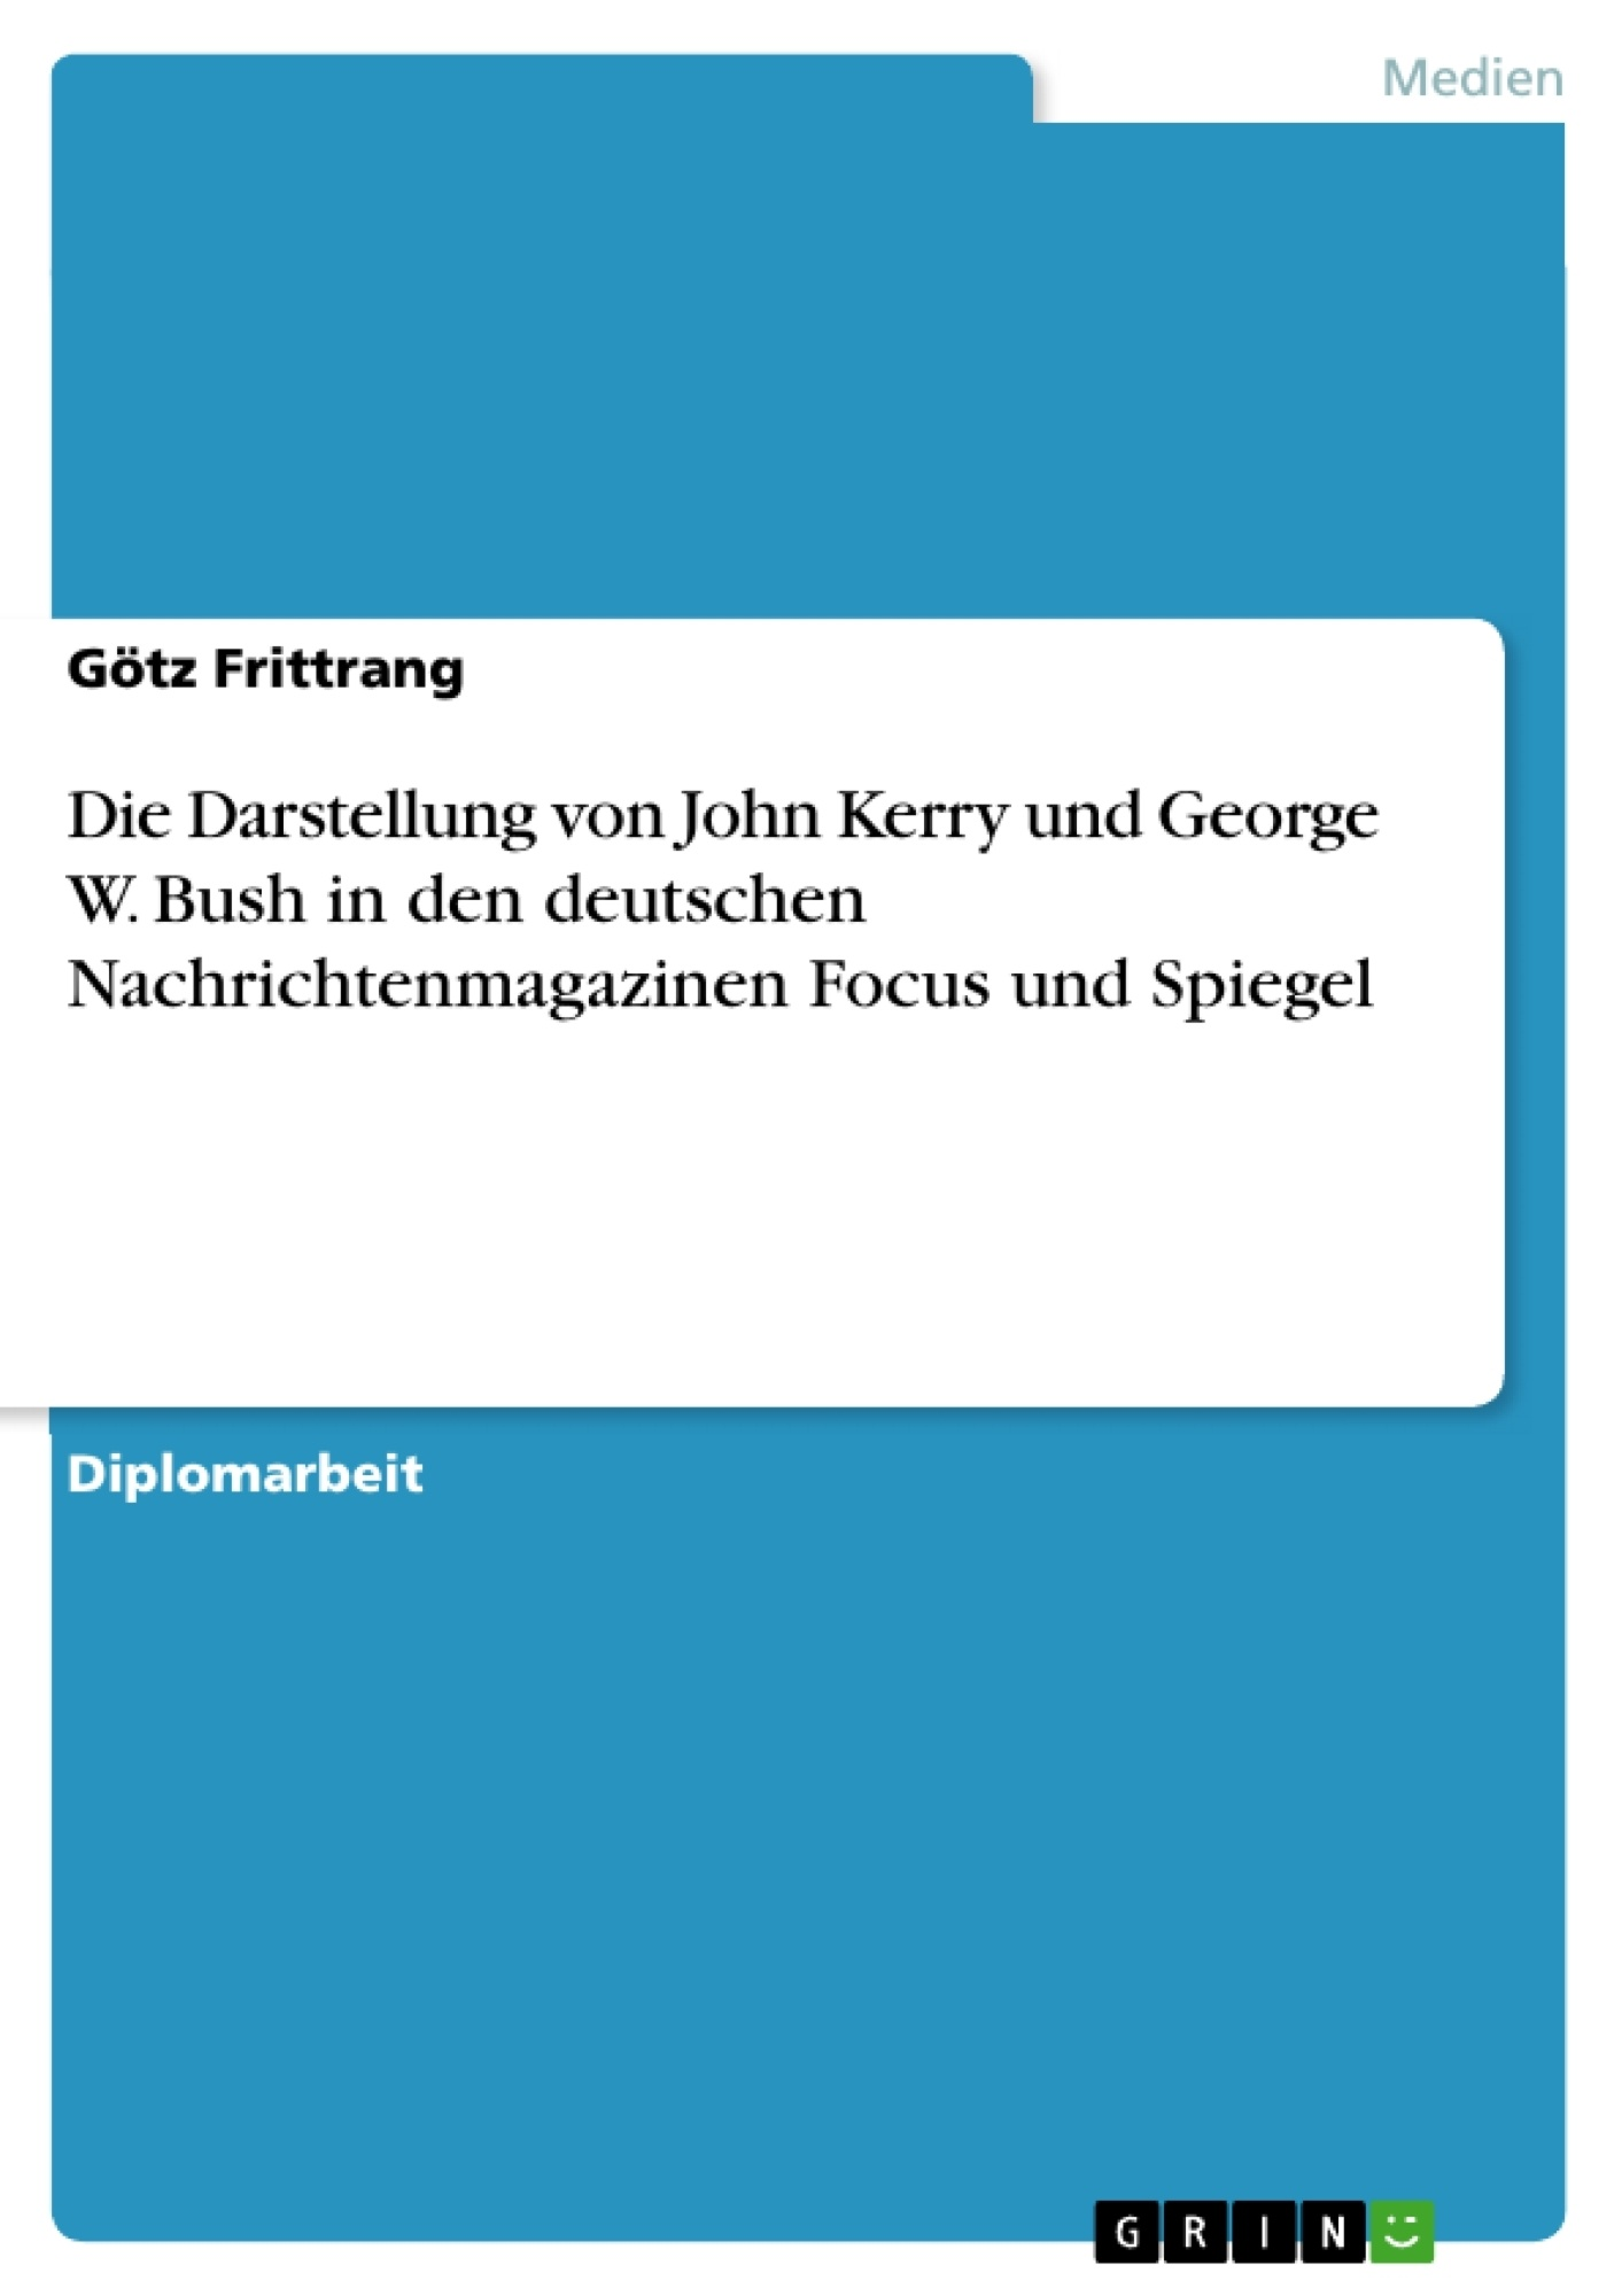 Titel: Die Darstellung von John Kerry und George W. Bush in den deutschen Nachrichtenmagazinen Focus und Spiegel